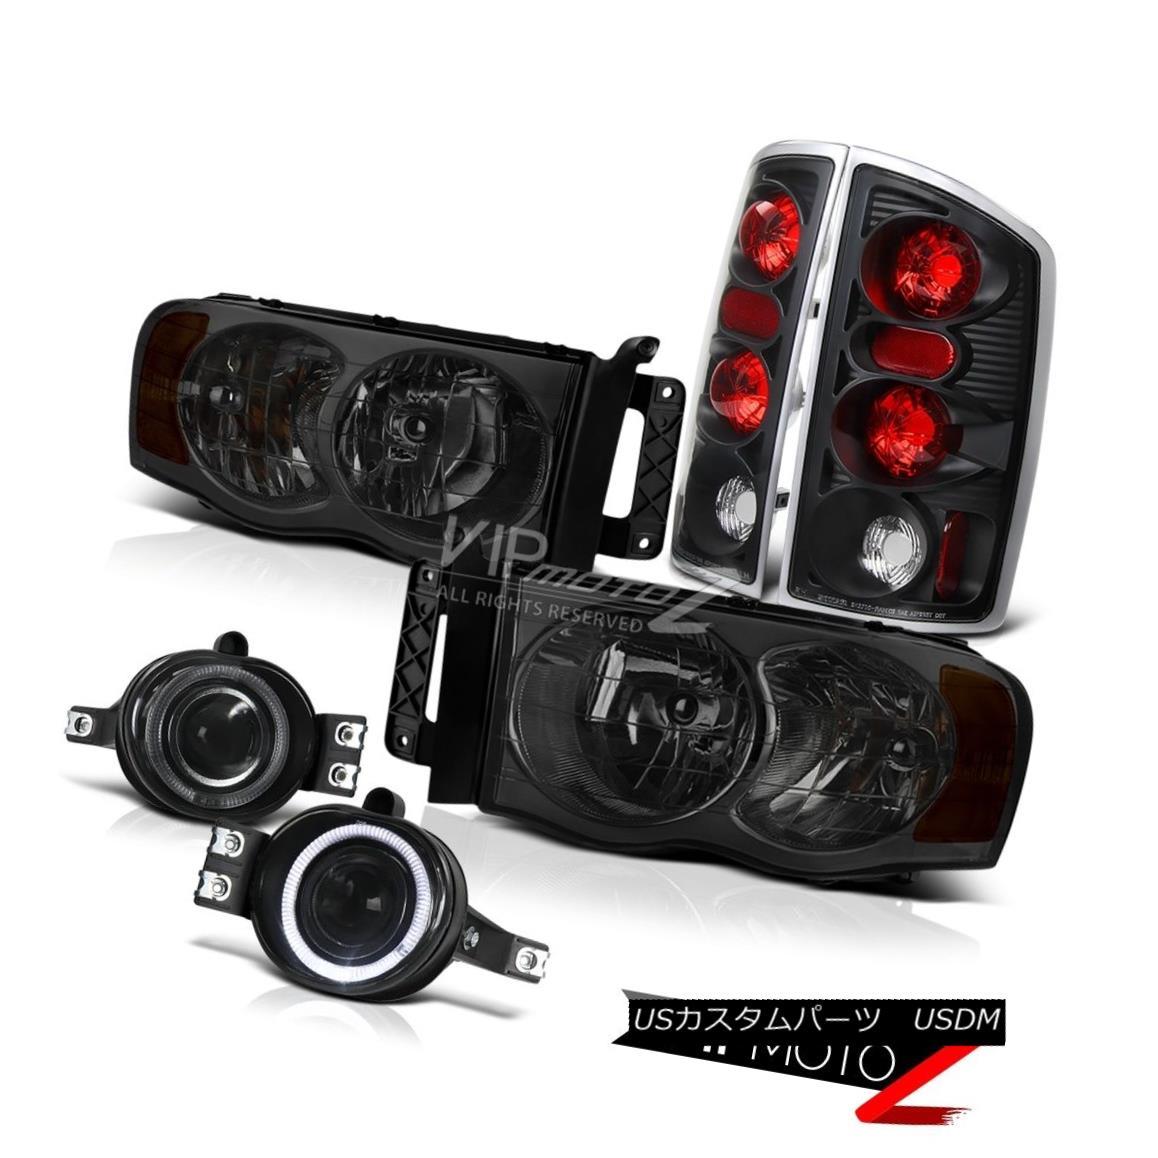 ヘッドライト 2002-05  Dodge Ram  SMOKE HeadLight BLACK TAIL LIGHT SMOKE PROJECTOR FOG LIGHT 2002-05   Dodge Ram   SMOKEヘッドライトブラックテールライト喫煙プロジェクターフォグライト